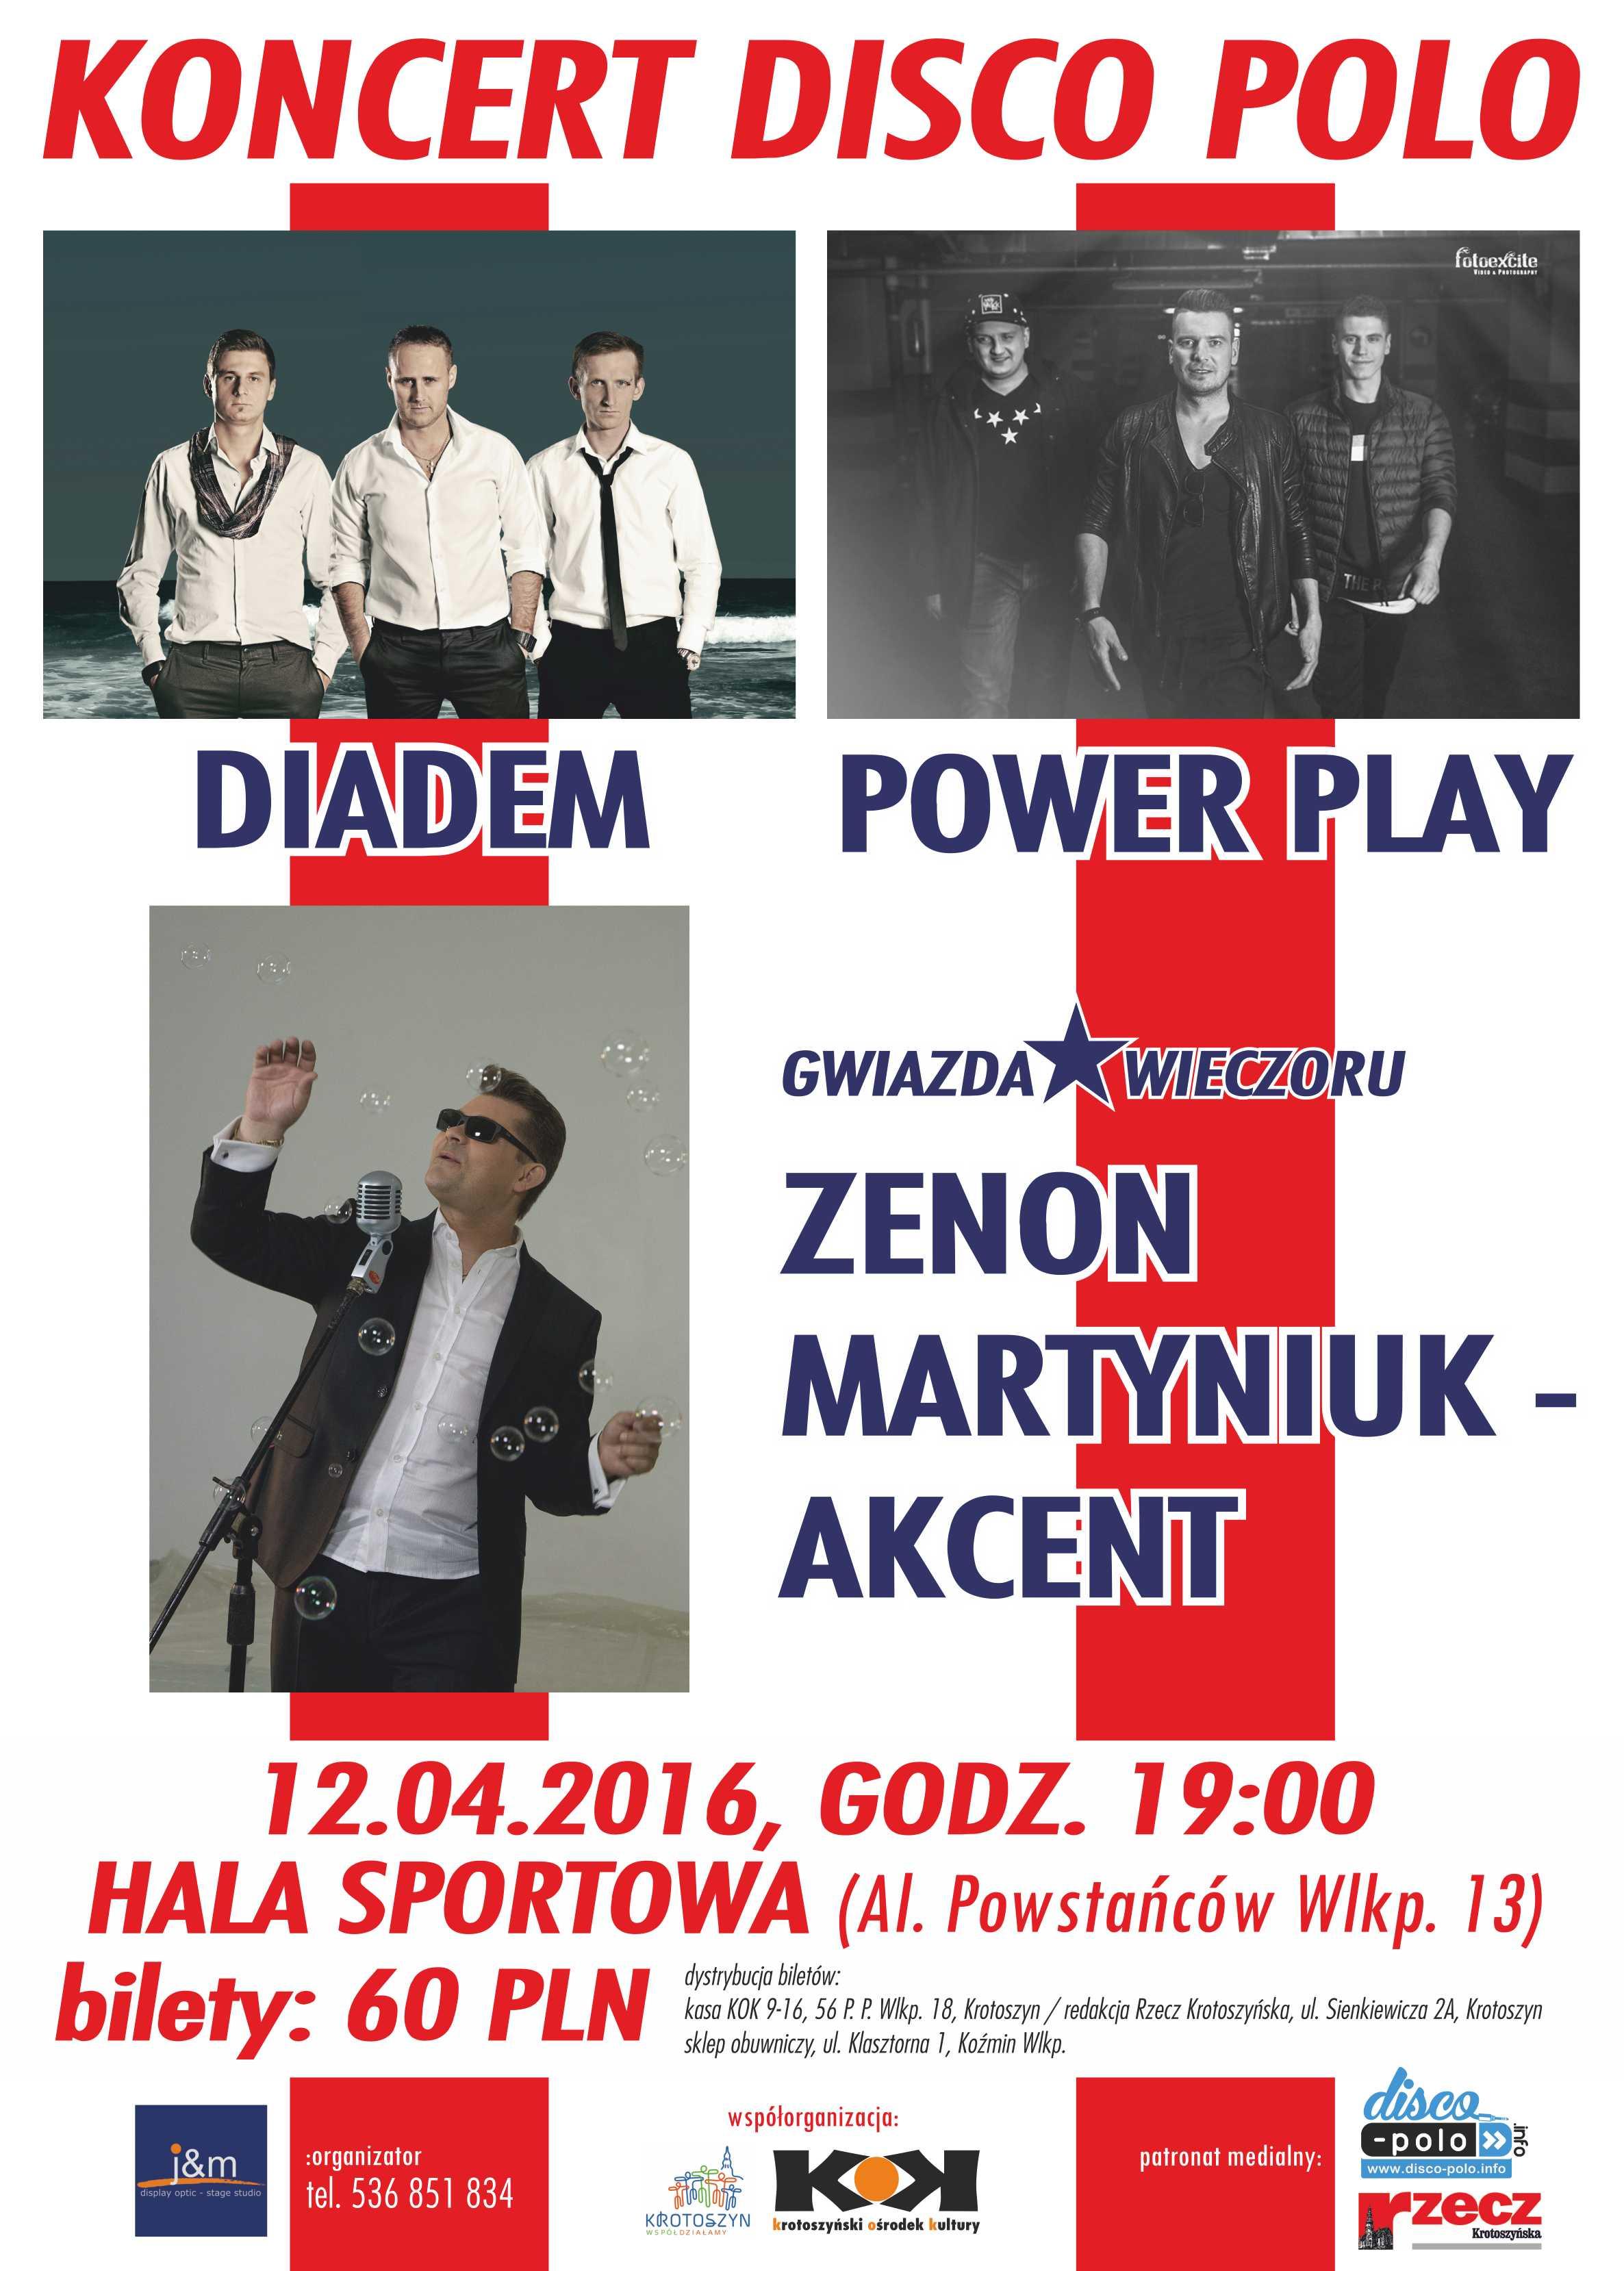 krotoszyn koncert disco polo plakat